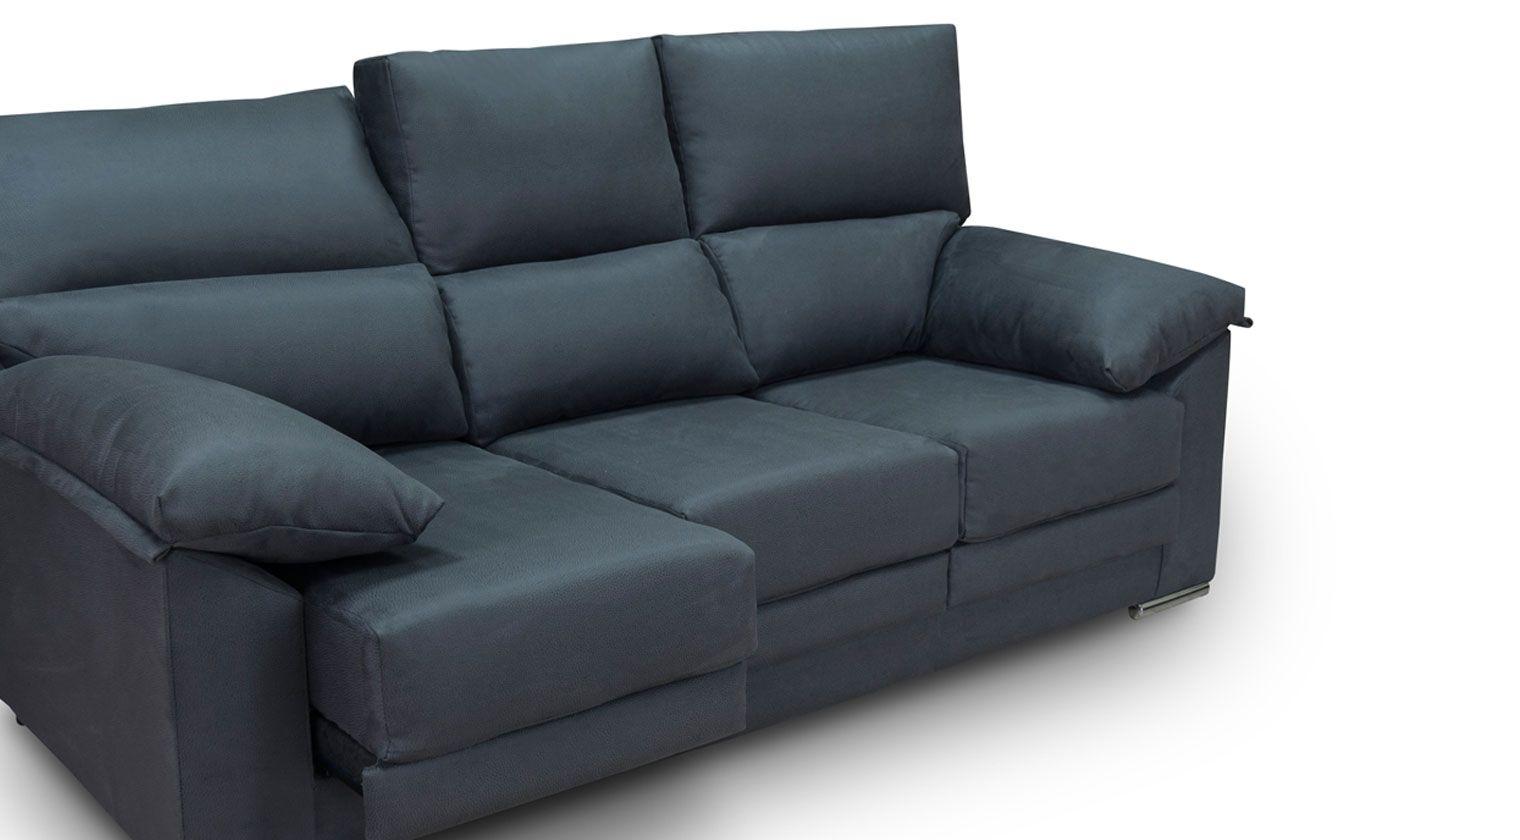 Comprar sof tela elgon conjunto sofas 3 2 plazas for Sofas baratos asturias